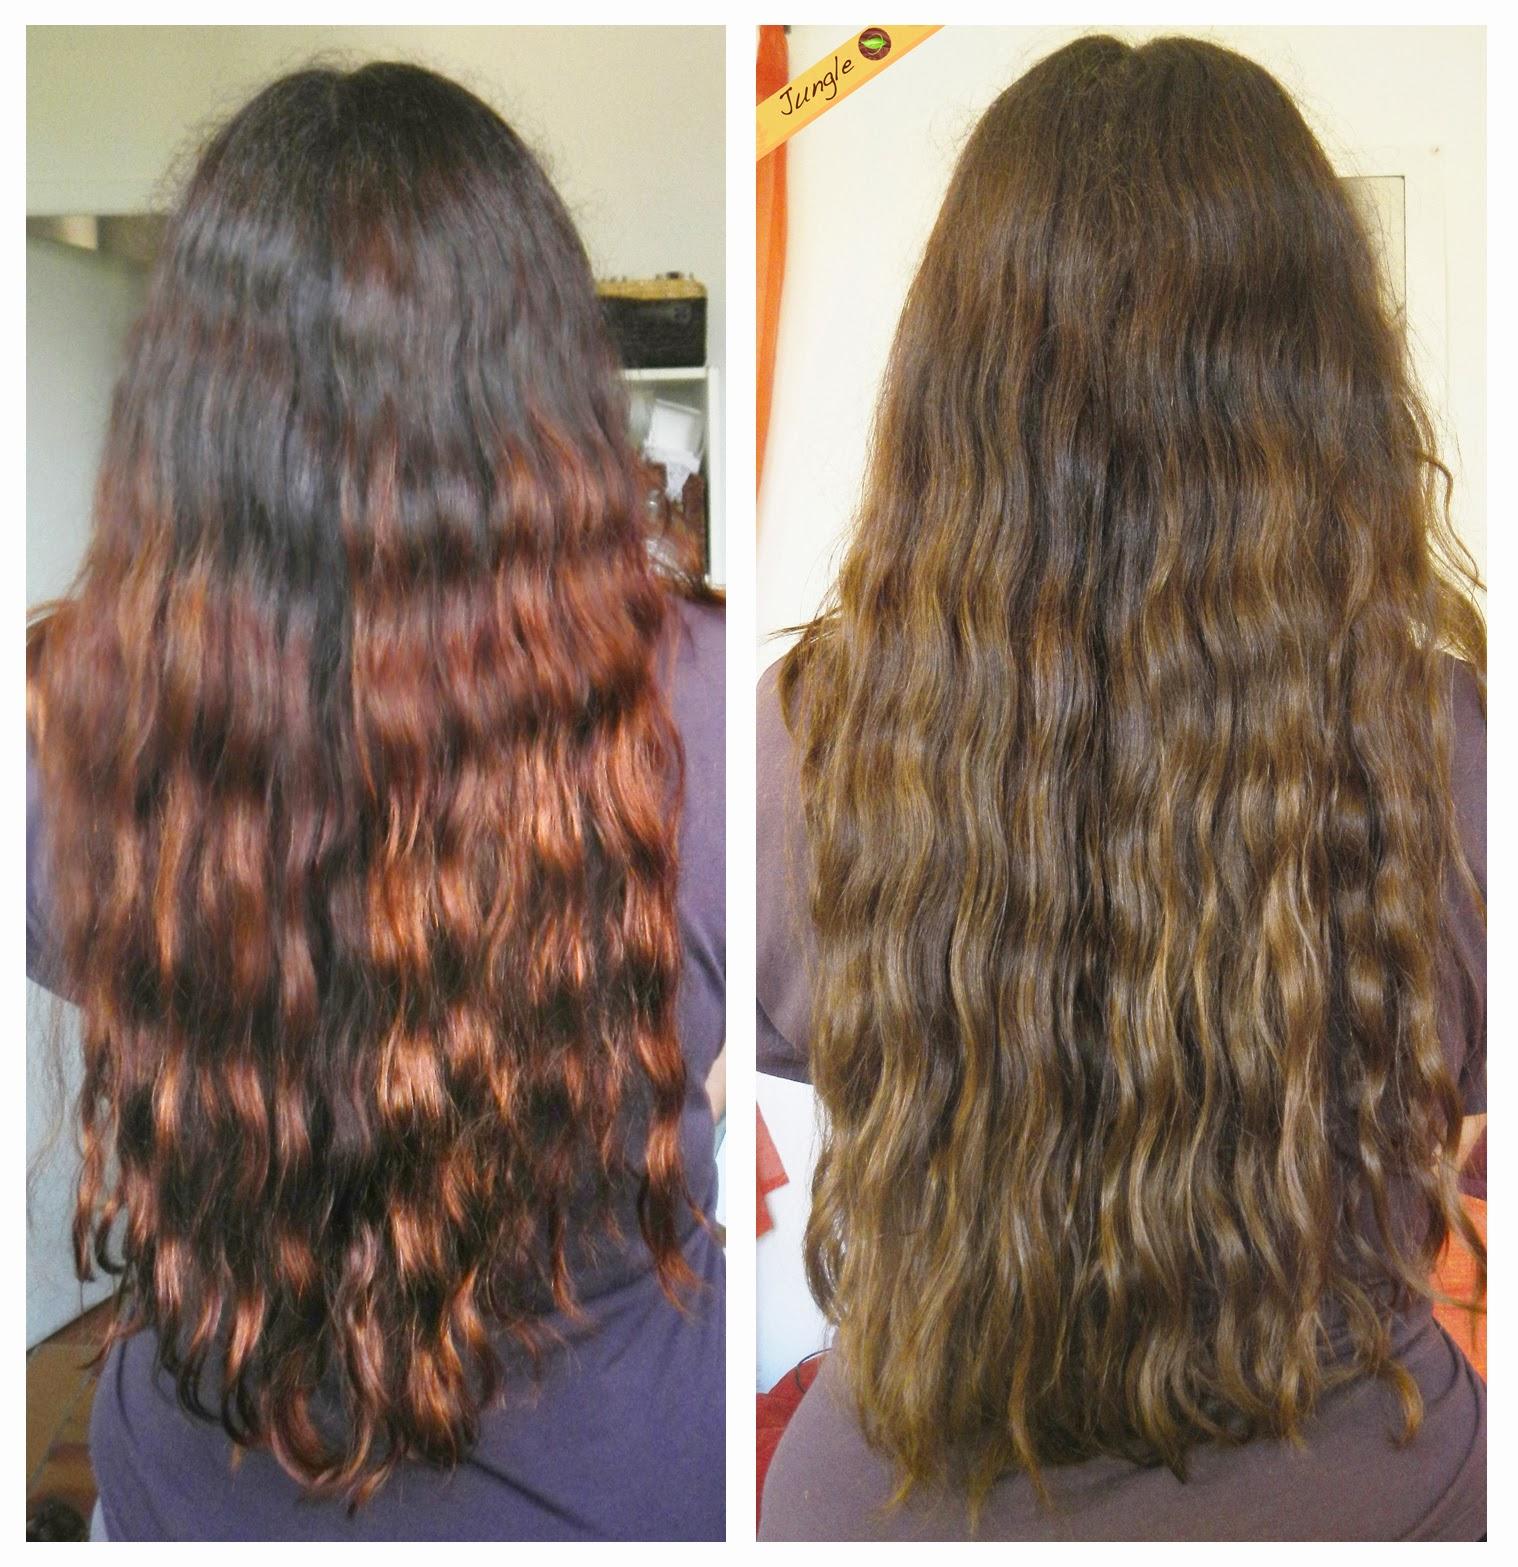 jungle 39 s hair de beaux cheveux au naturel un premier. Black Bedroom Furniture Sets. Home Design Ideas